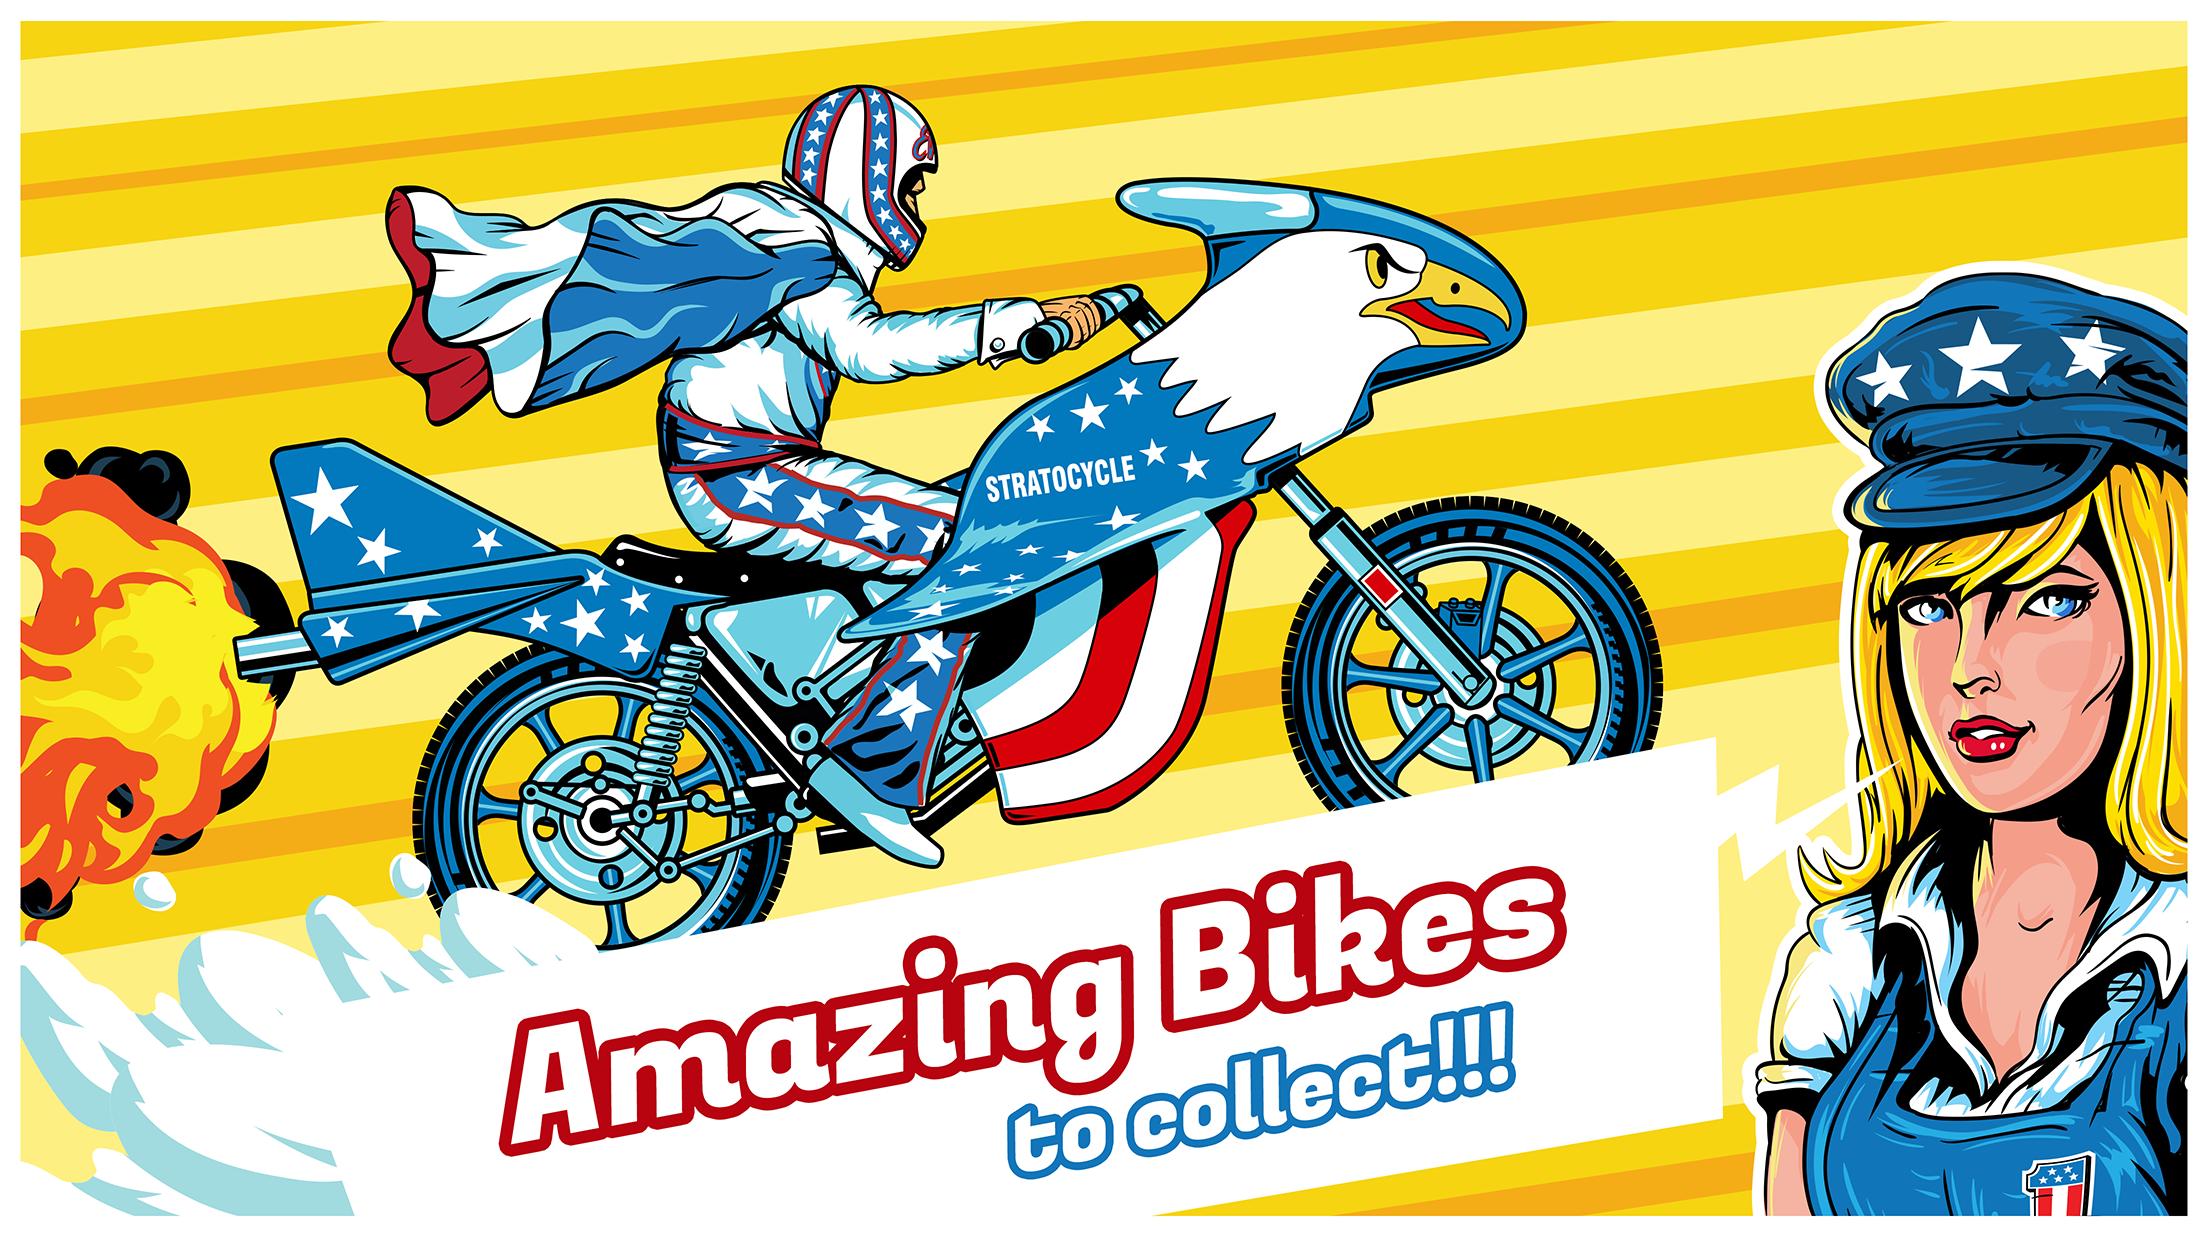 Evel Knievel - Bikes - 16X9 - 2208x1242